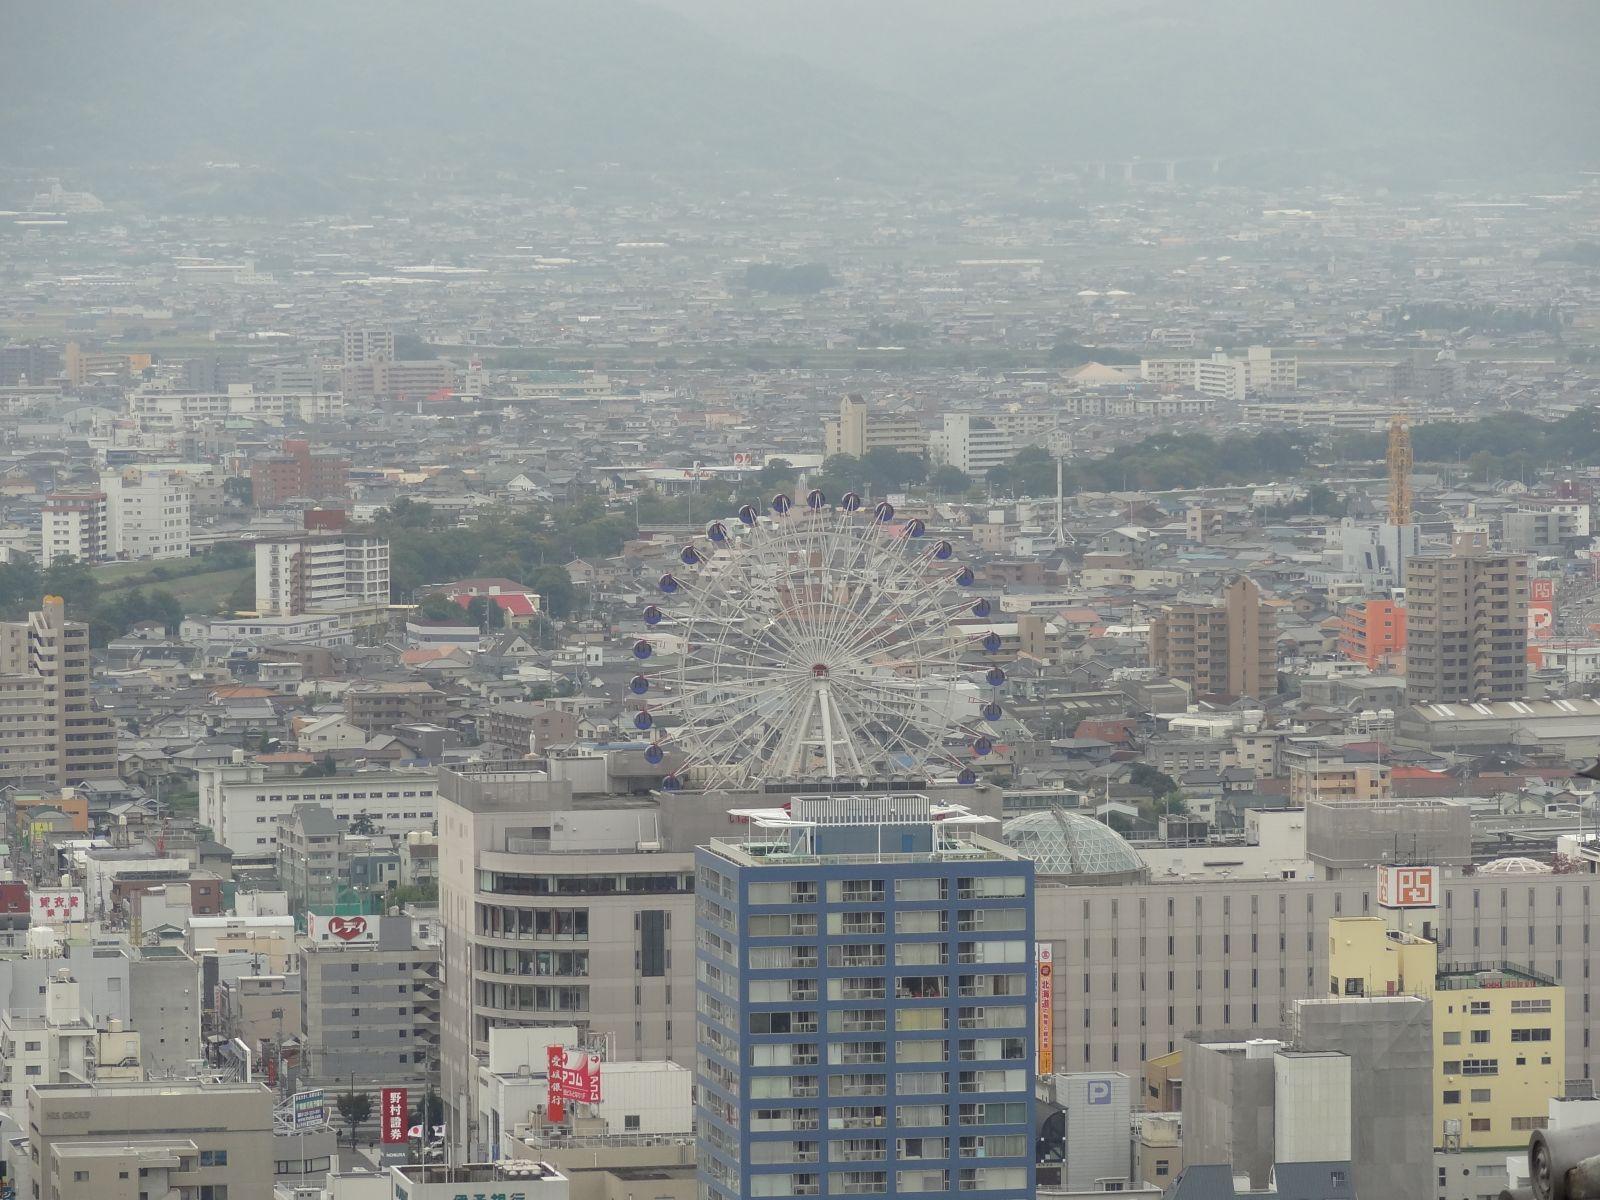 秋の松山城(天守閣三階より南方向の眺望)の写真です。クリックすると拡大します。